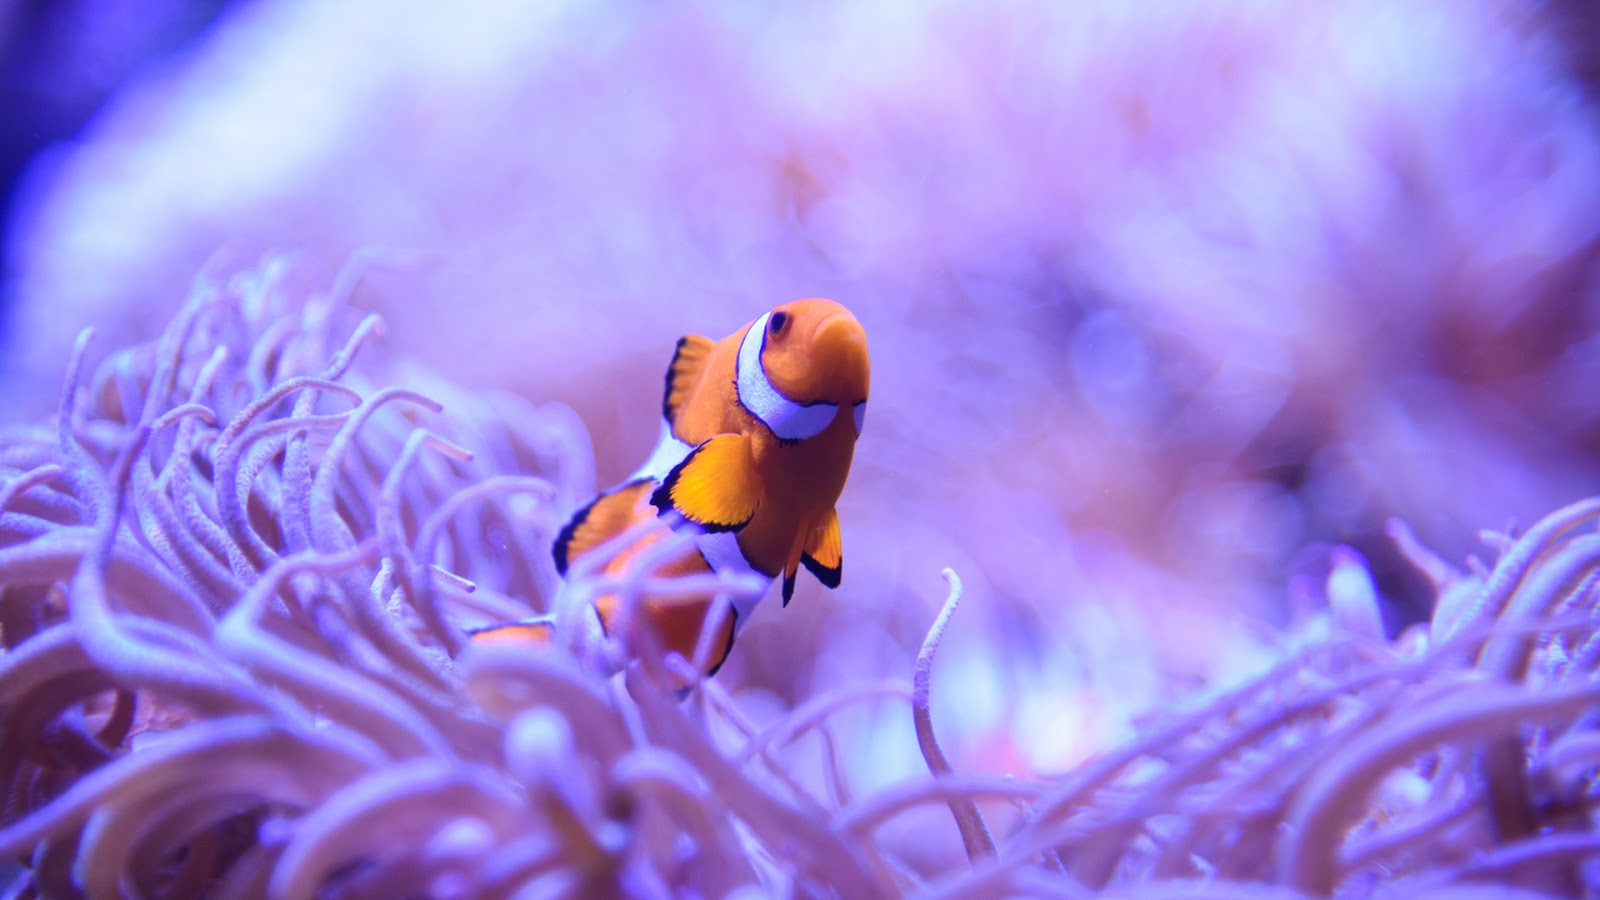 Deniz Altı Duvar Kağıtları | Underwater Wallpaper | 1080p HD Sualtı Duvar Kağıtları | Duvar ...